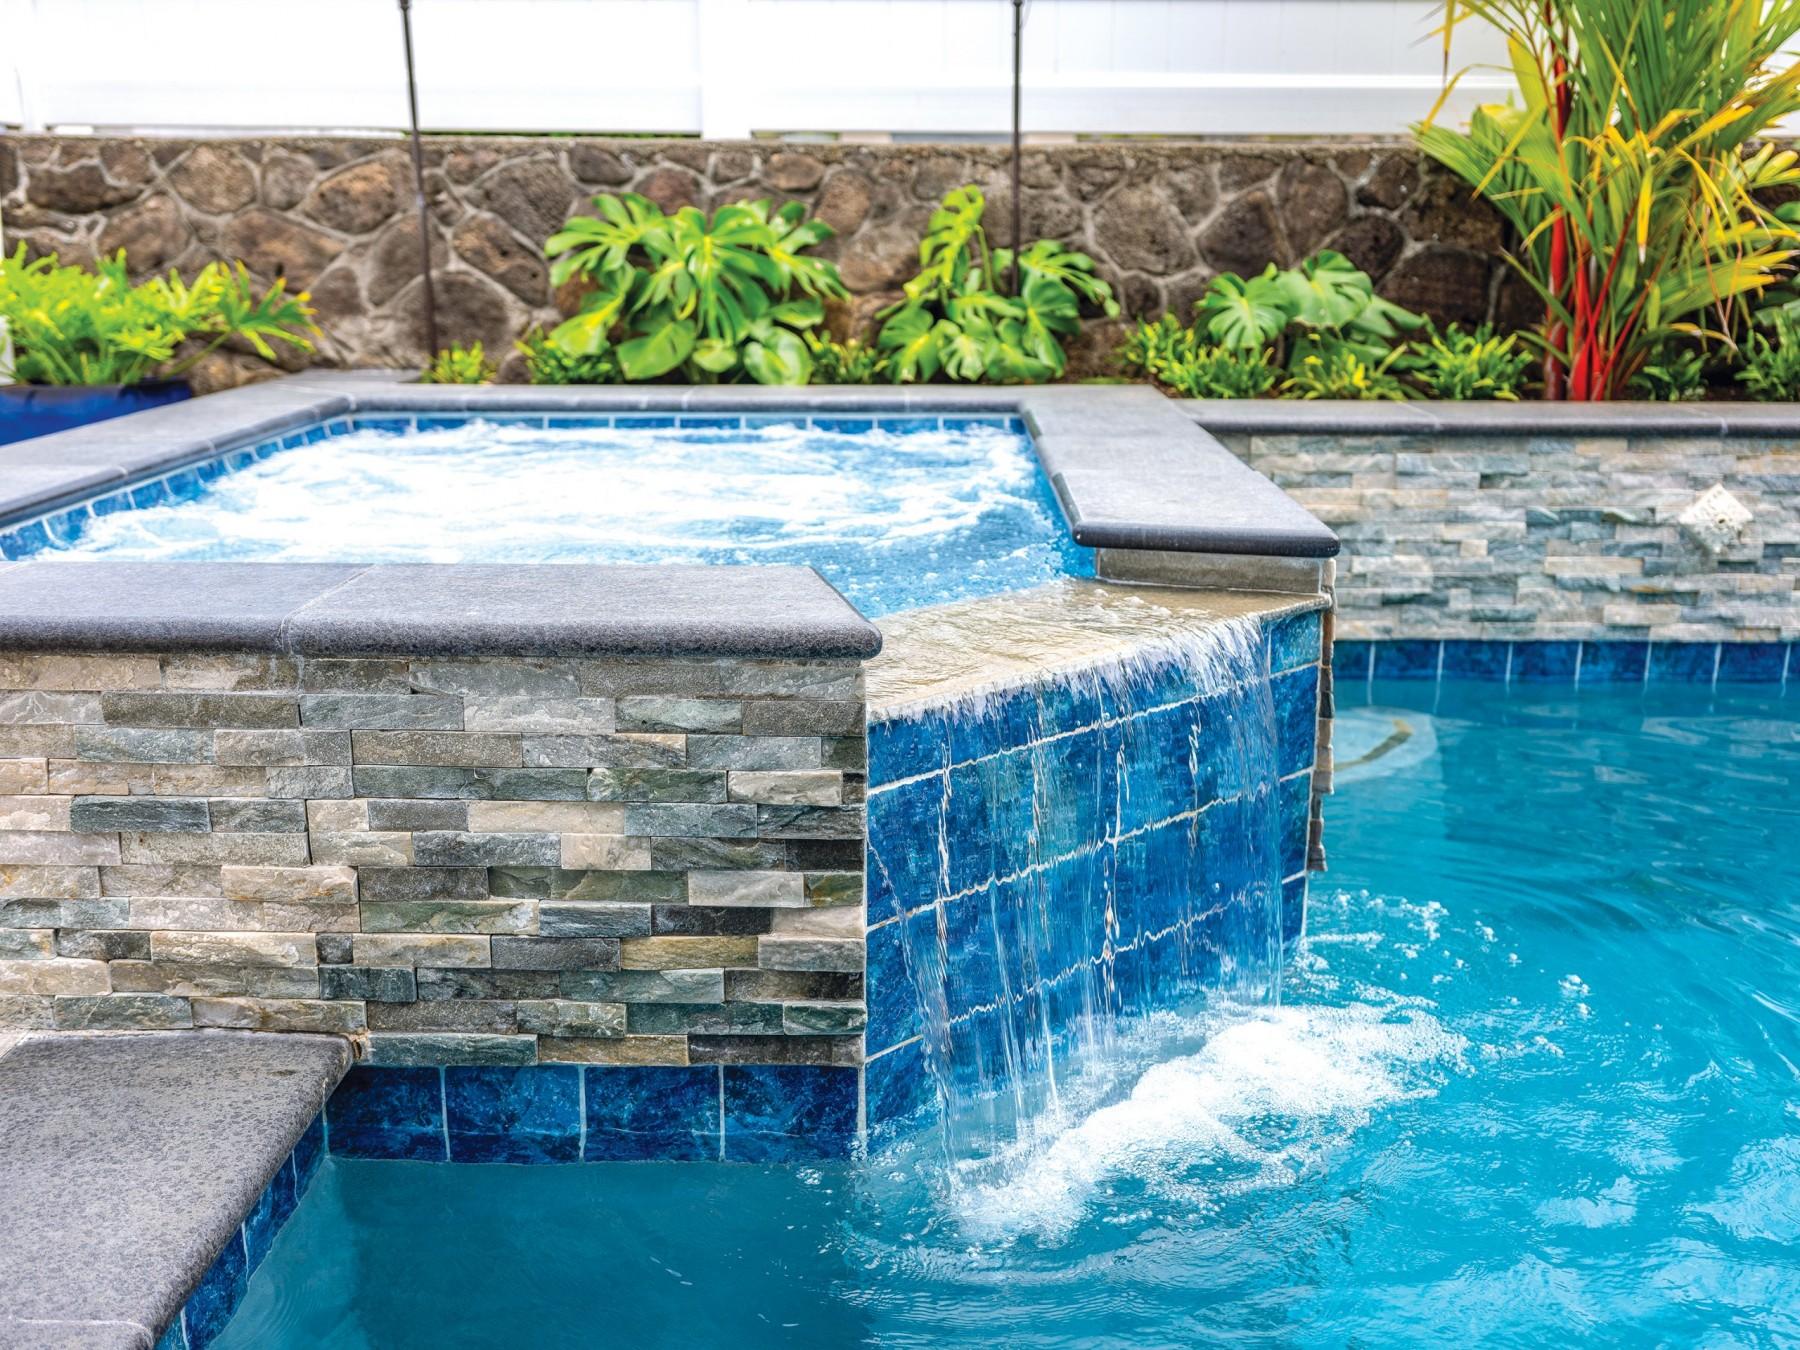 09 21 Hhr Feature Pacific Pools Spas2